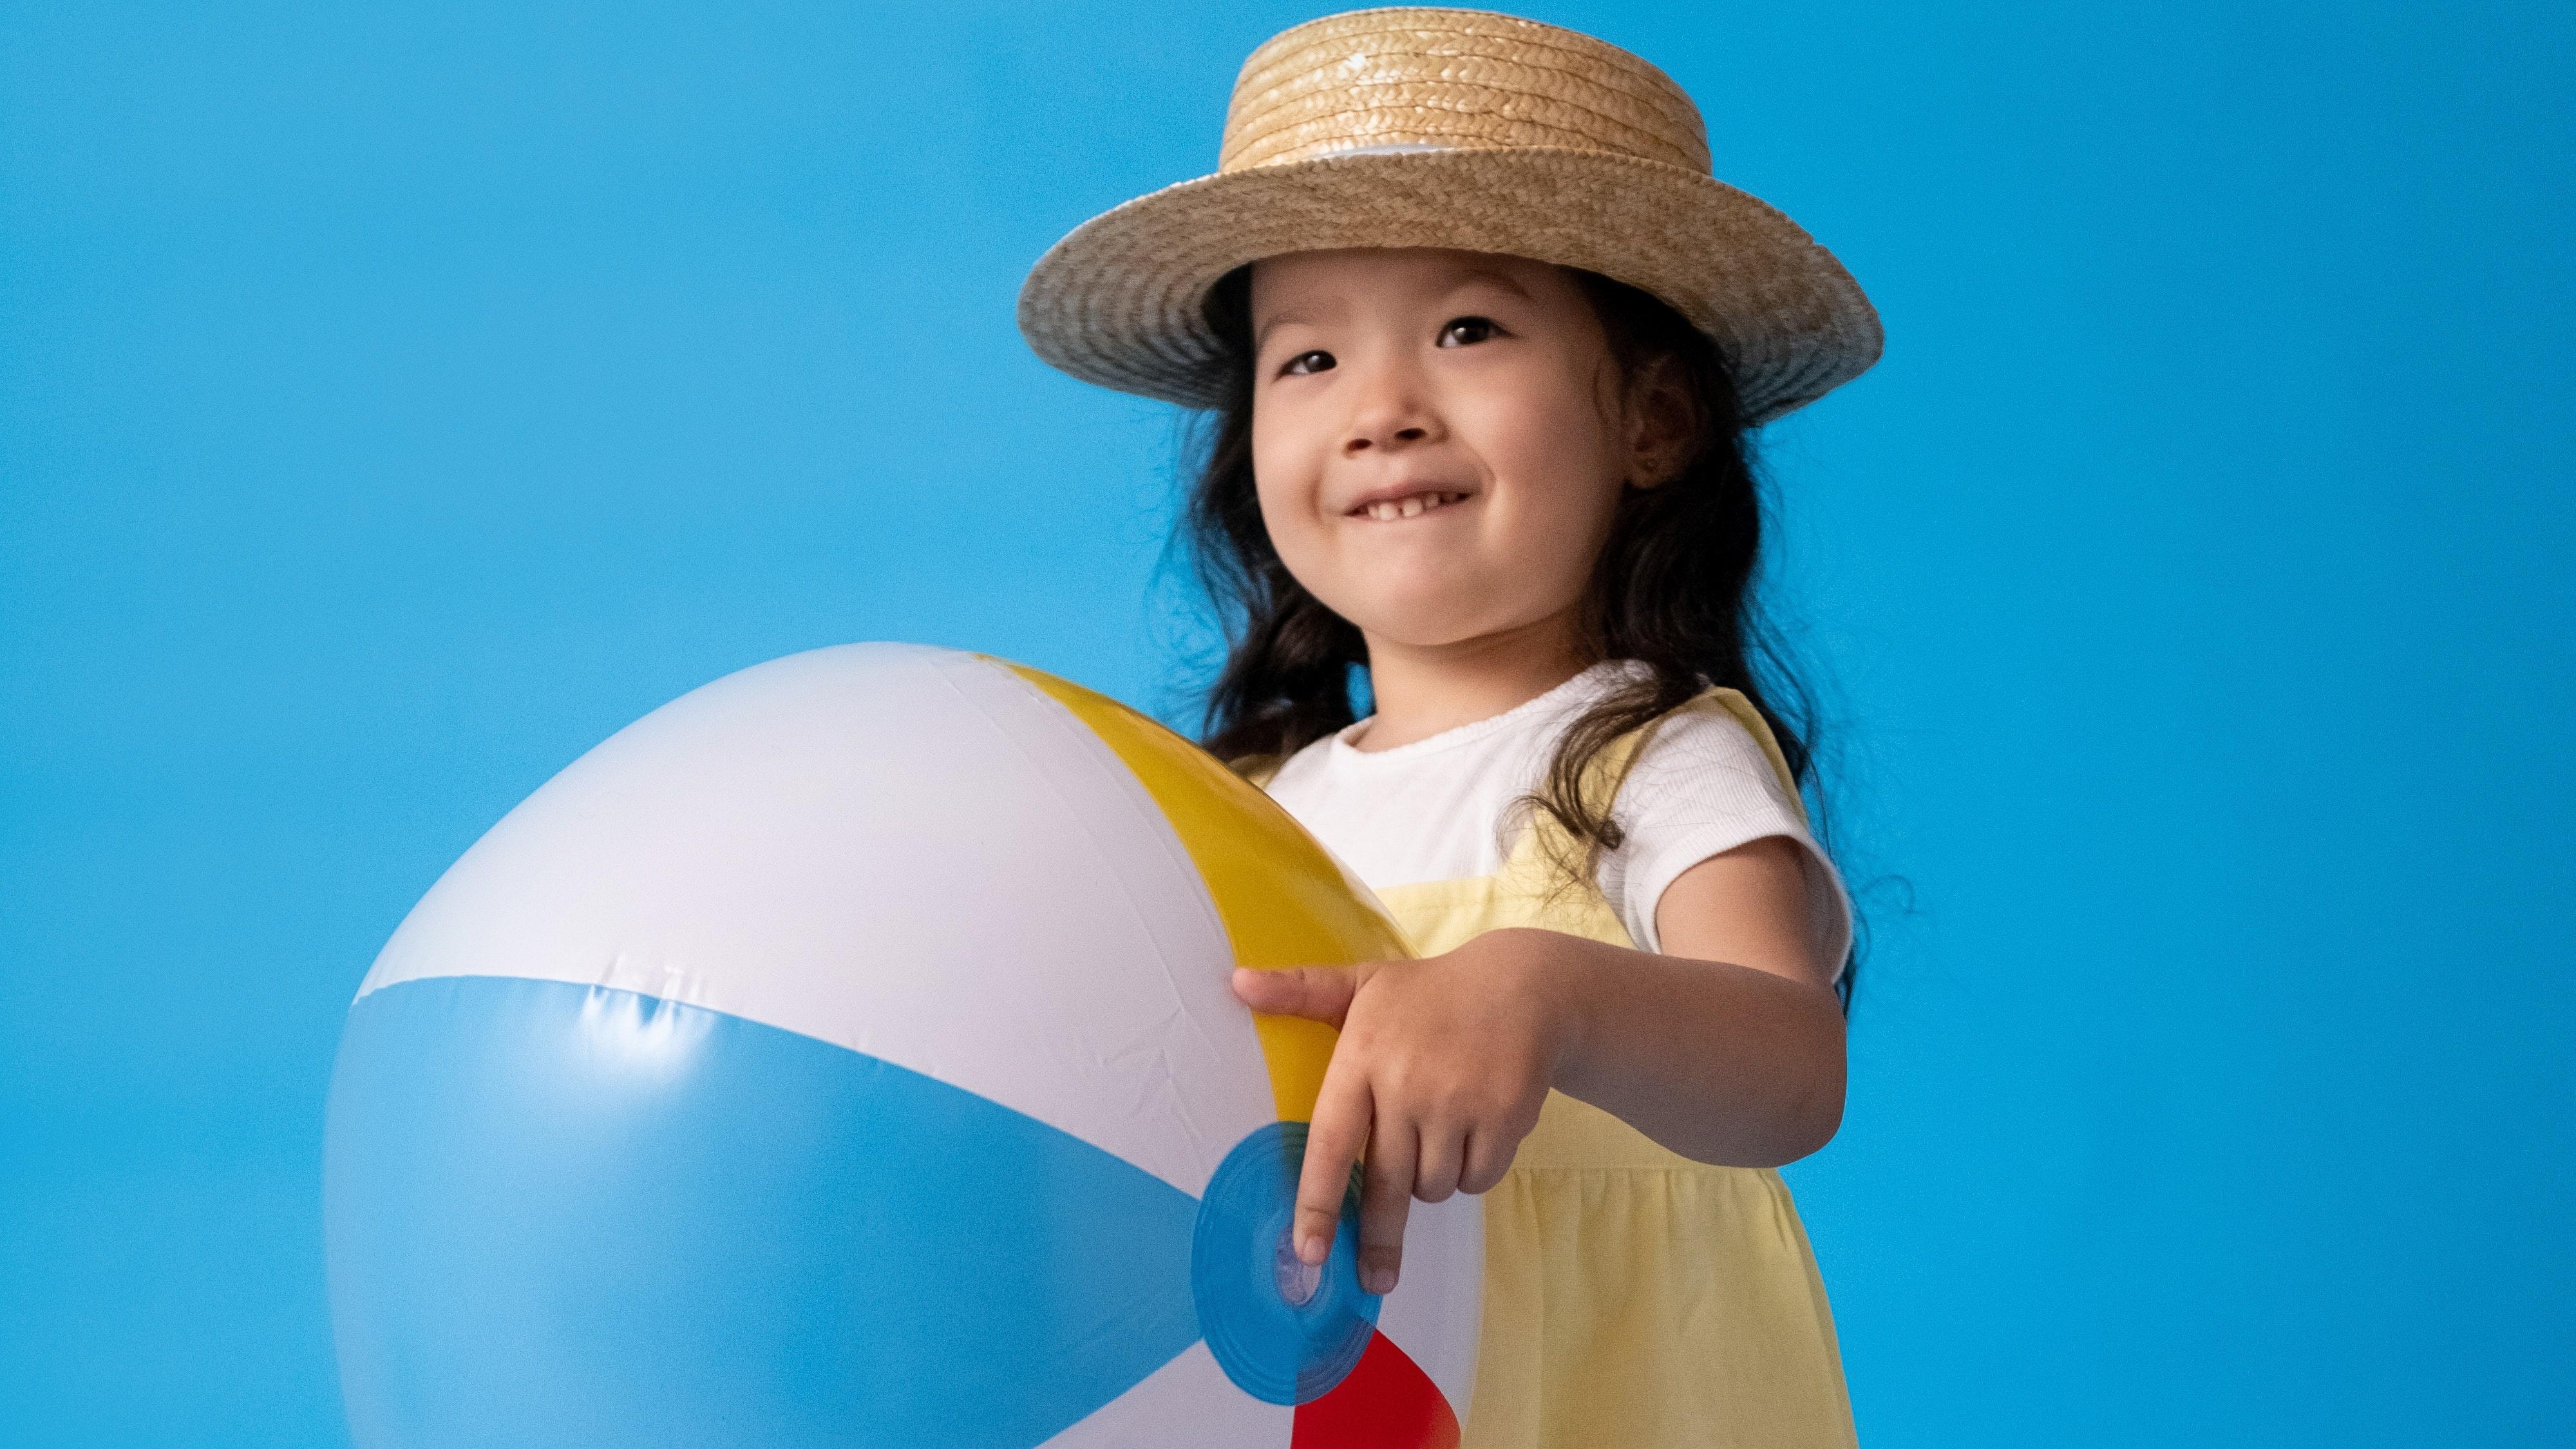 Ballspiele für Kinder - 5 beliebte Spiele mit dem Ball